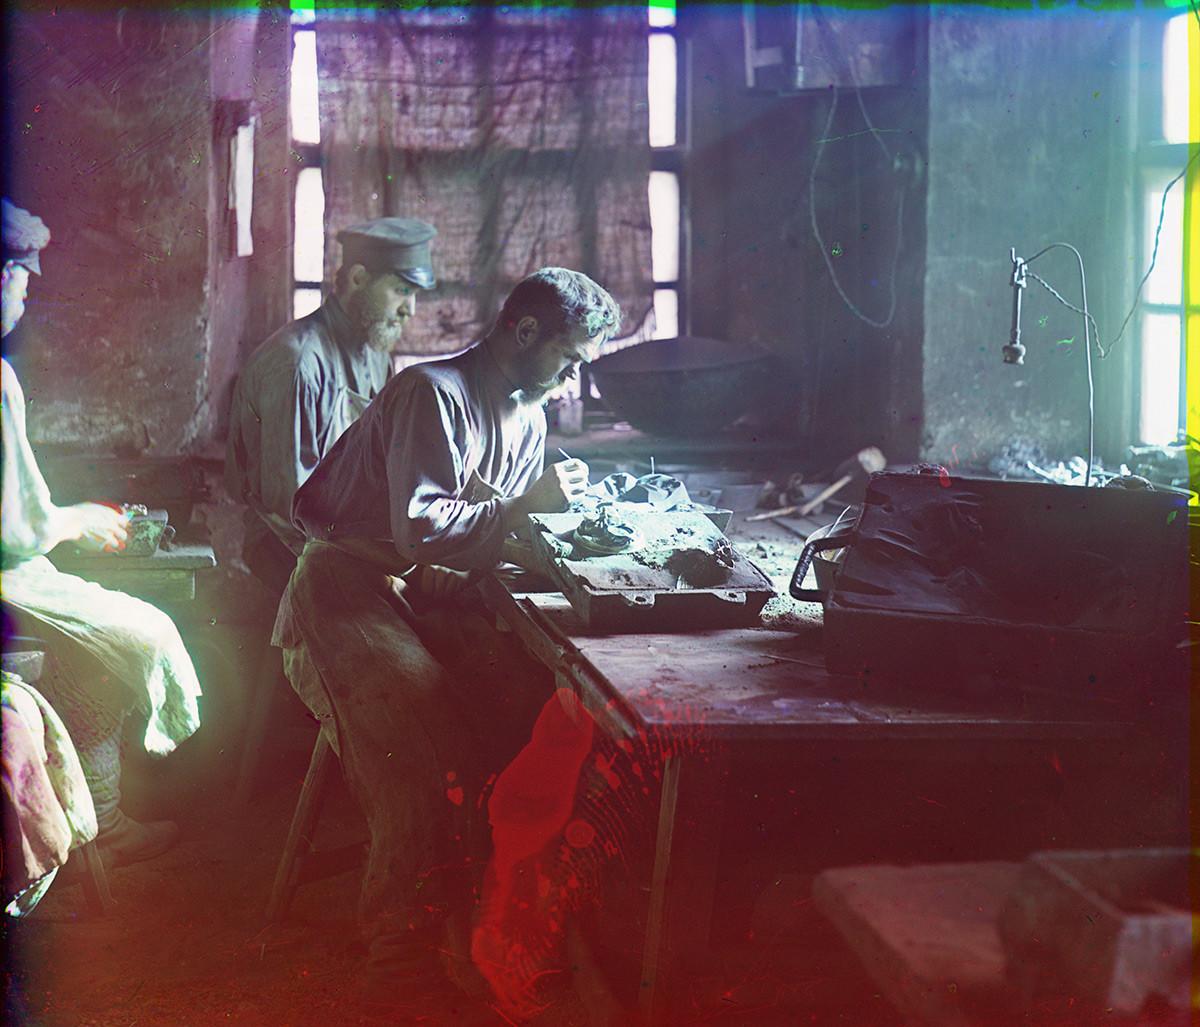 Tovarna Kasli. Obrtniki, ki delajo s kalupi za litje železa. Poletje 1909